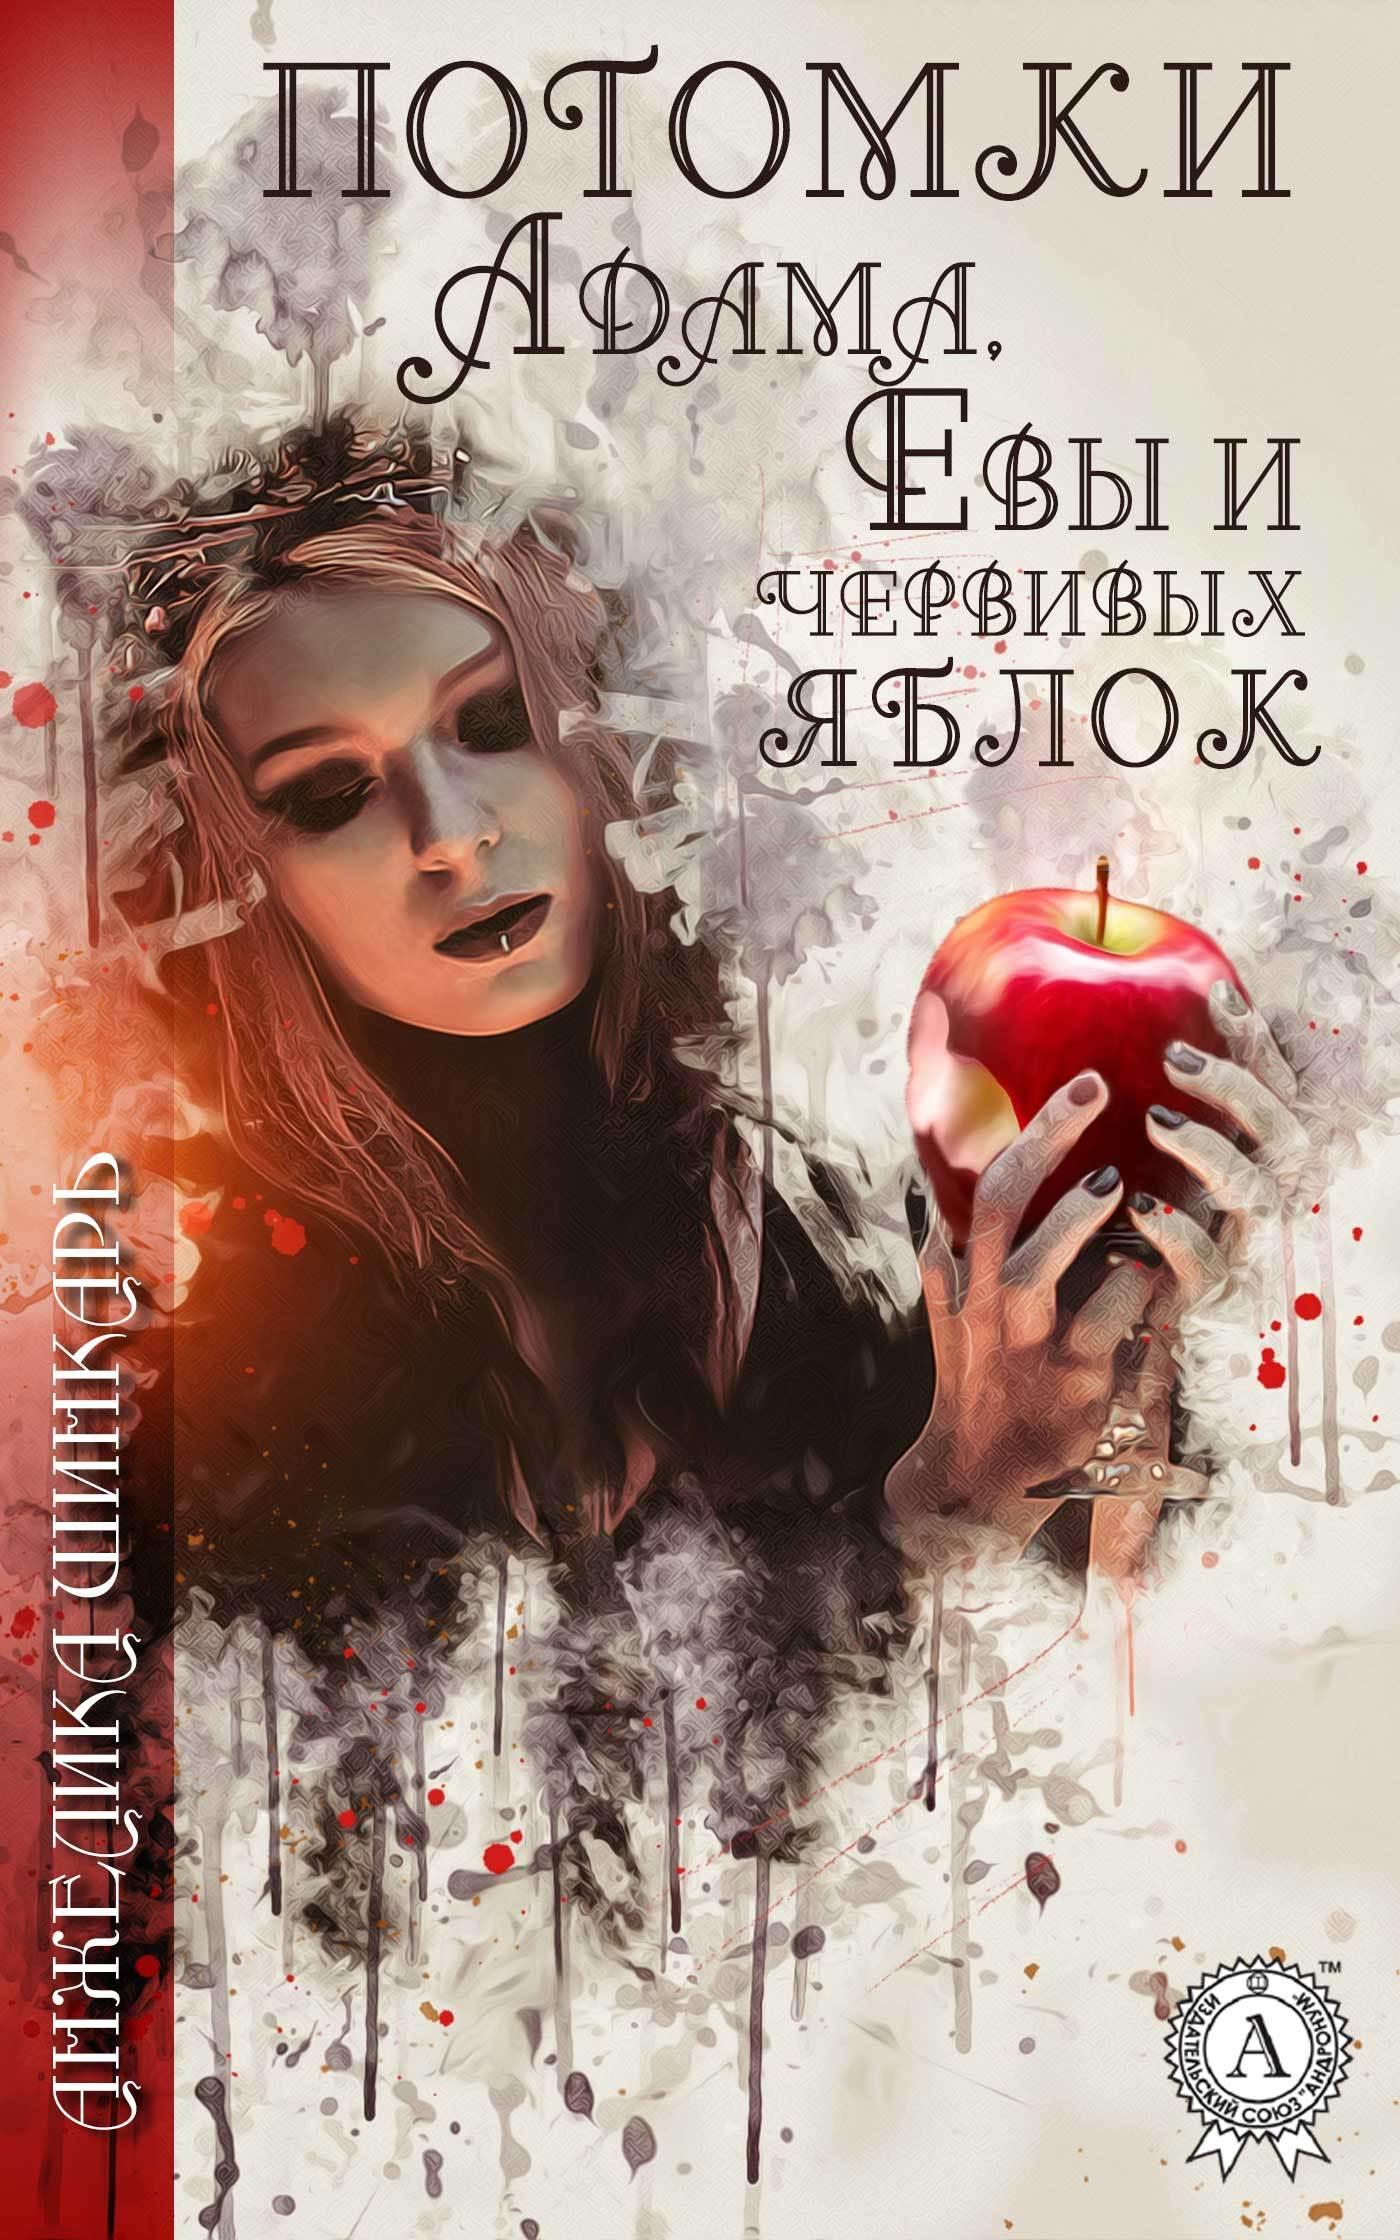 Анжелика Шинкарь - Потомки Адама, Евы и червивых яблок